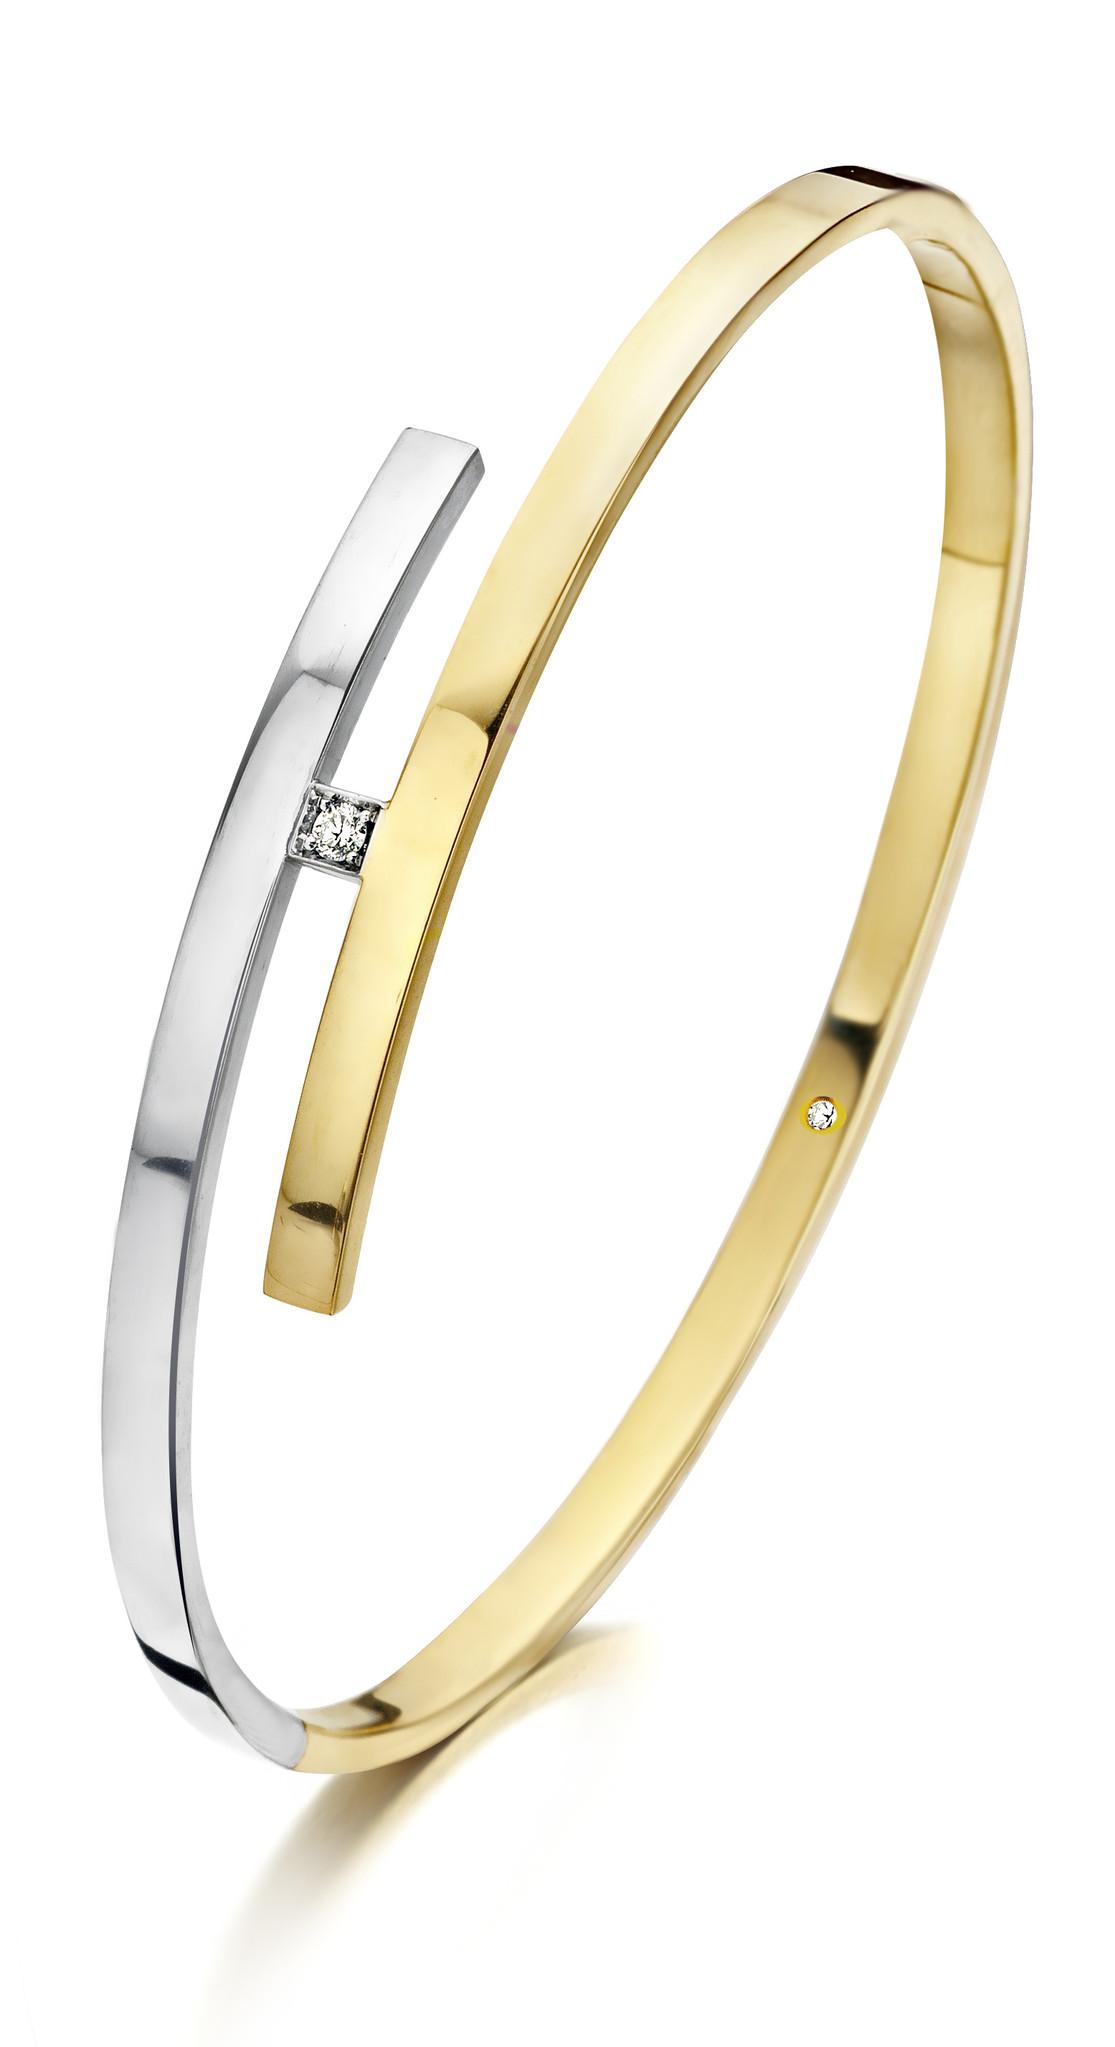 14 karaat geel/witgouden armband met diamant - Recht 3 mm - Fjory-1